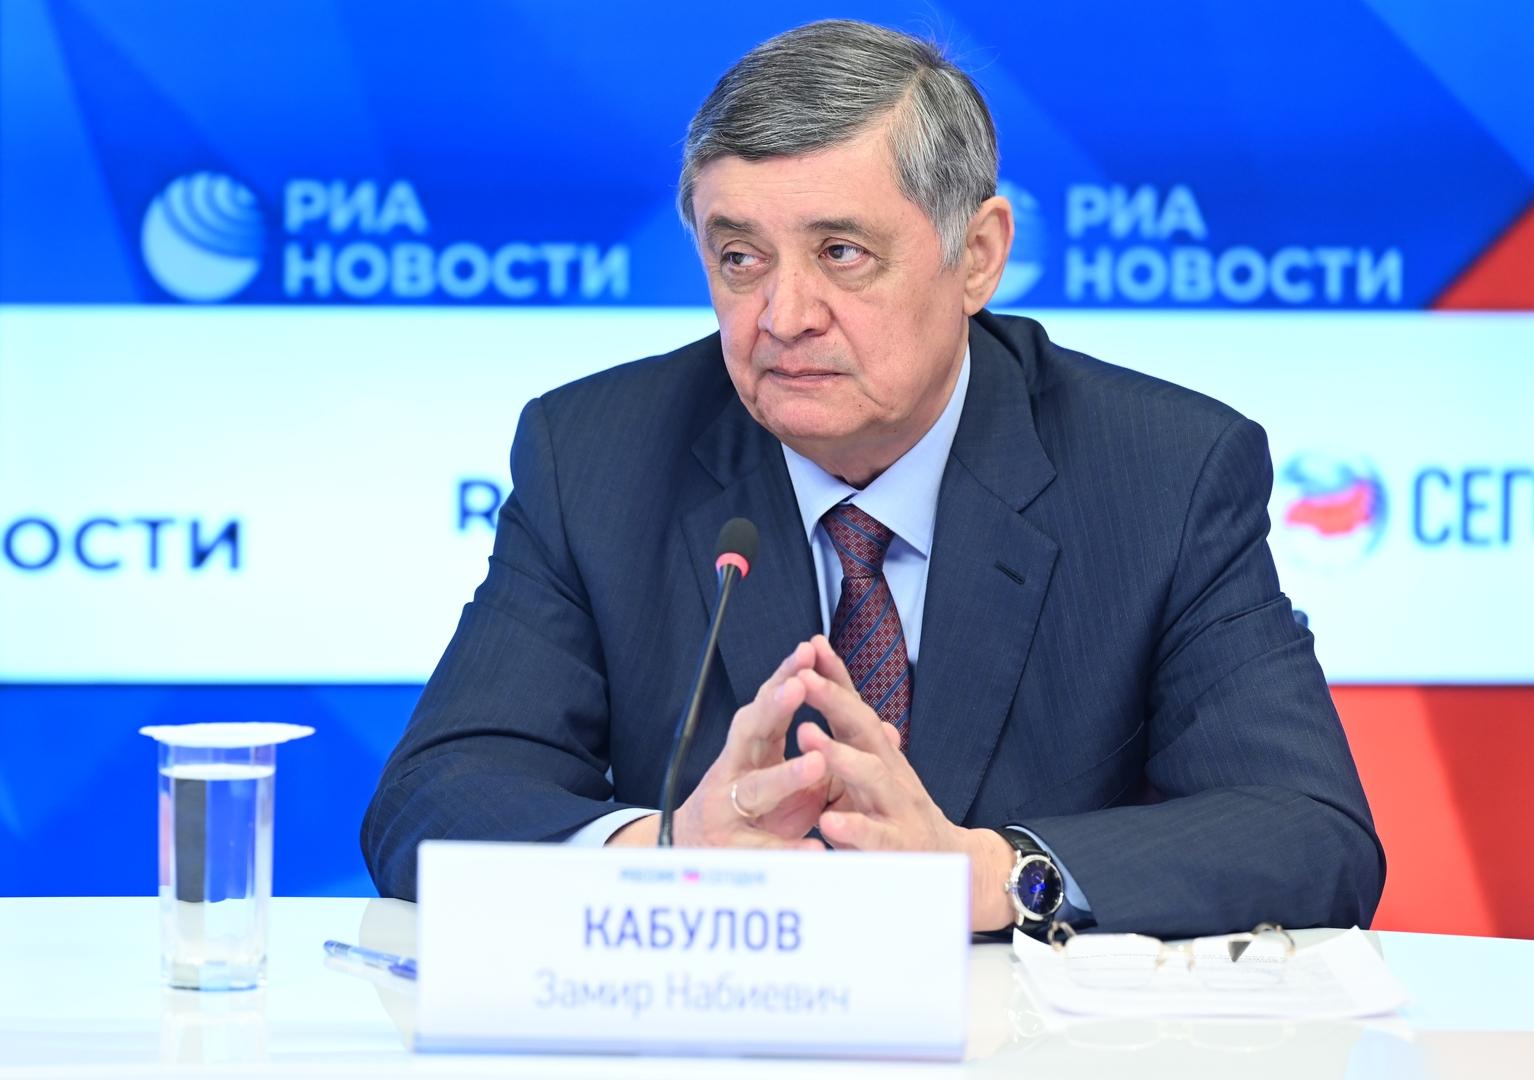 كابولوف: روسيا تلقت دعوة لحضور مؤتمر حول أفغانستان في اسطنبول